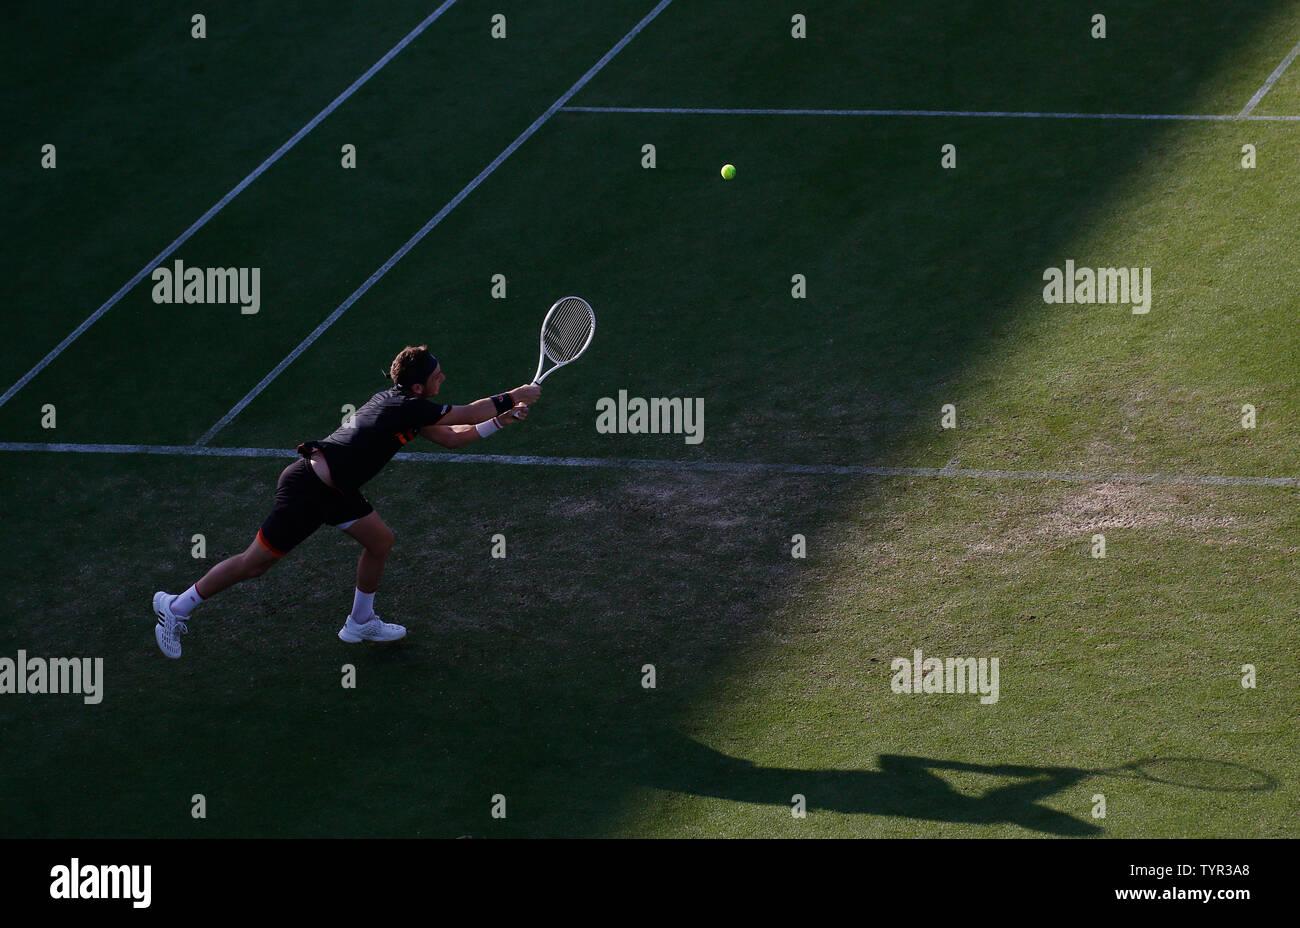 Devonshire Park, Eastbourne, Reino Unido. El 26 de junio, 2019. Nature Valley torneo de tenis internacional; Cameron Norrie (GBR) desempeña un disparo de revés contra Kyle Edmund (GBR) Credit: Además de los deportes de acción/Alamy Live News Foto de stock